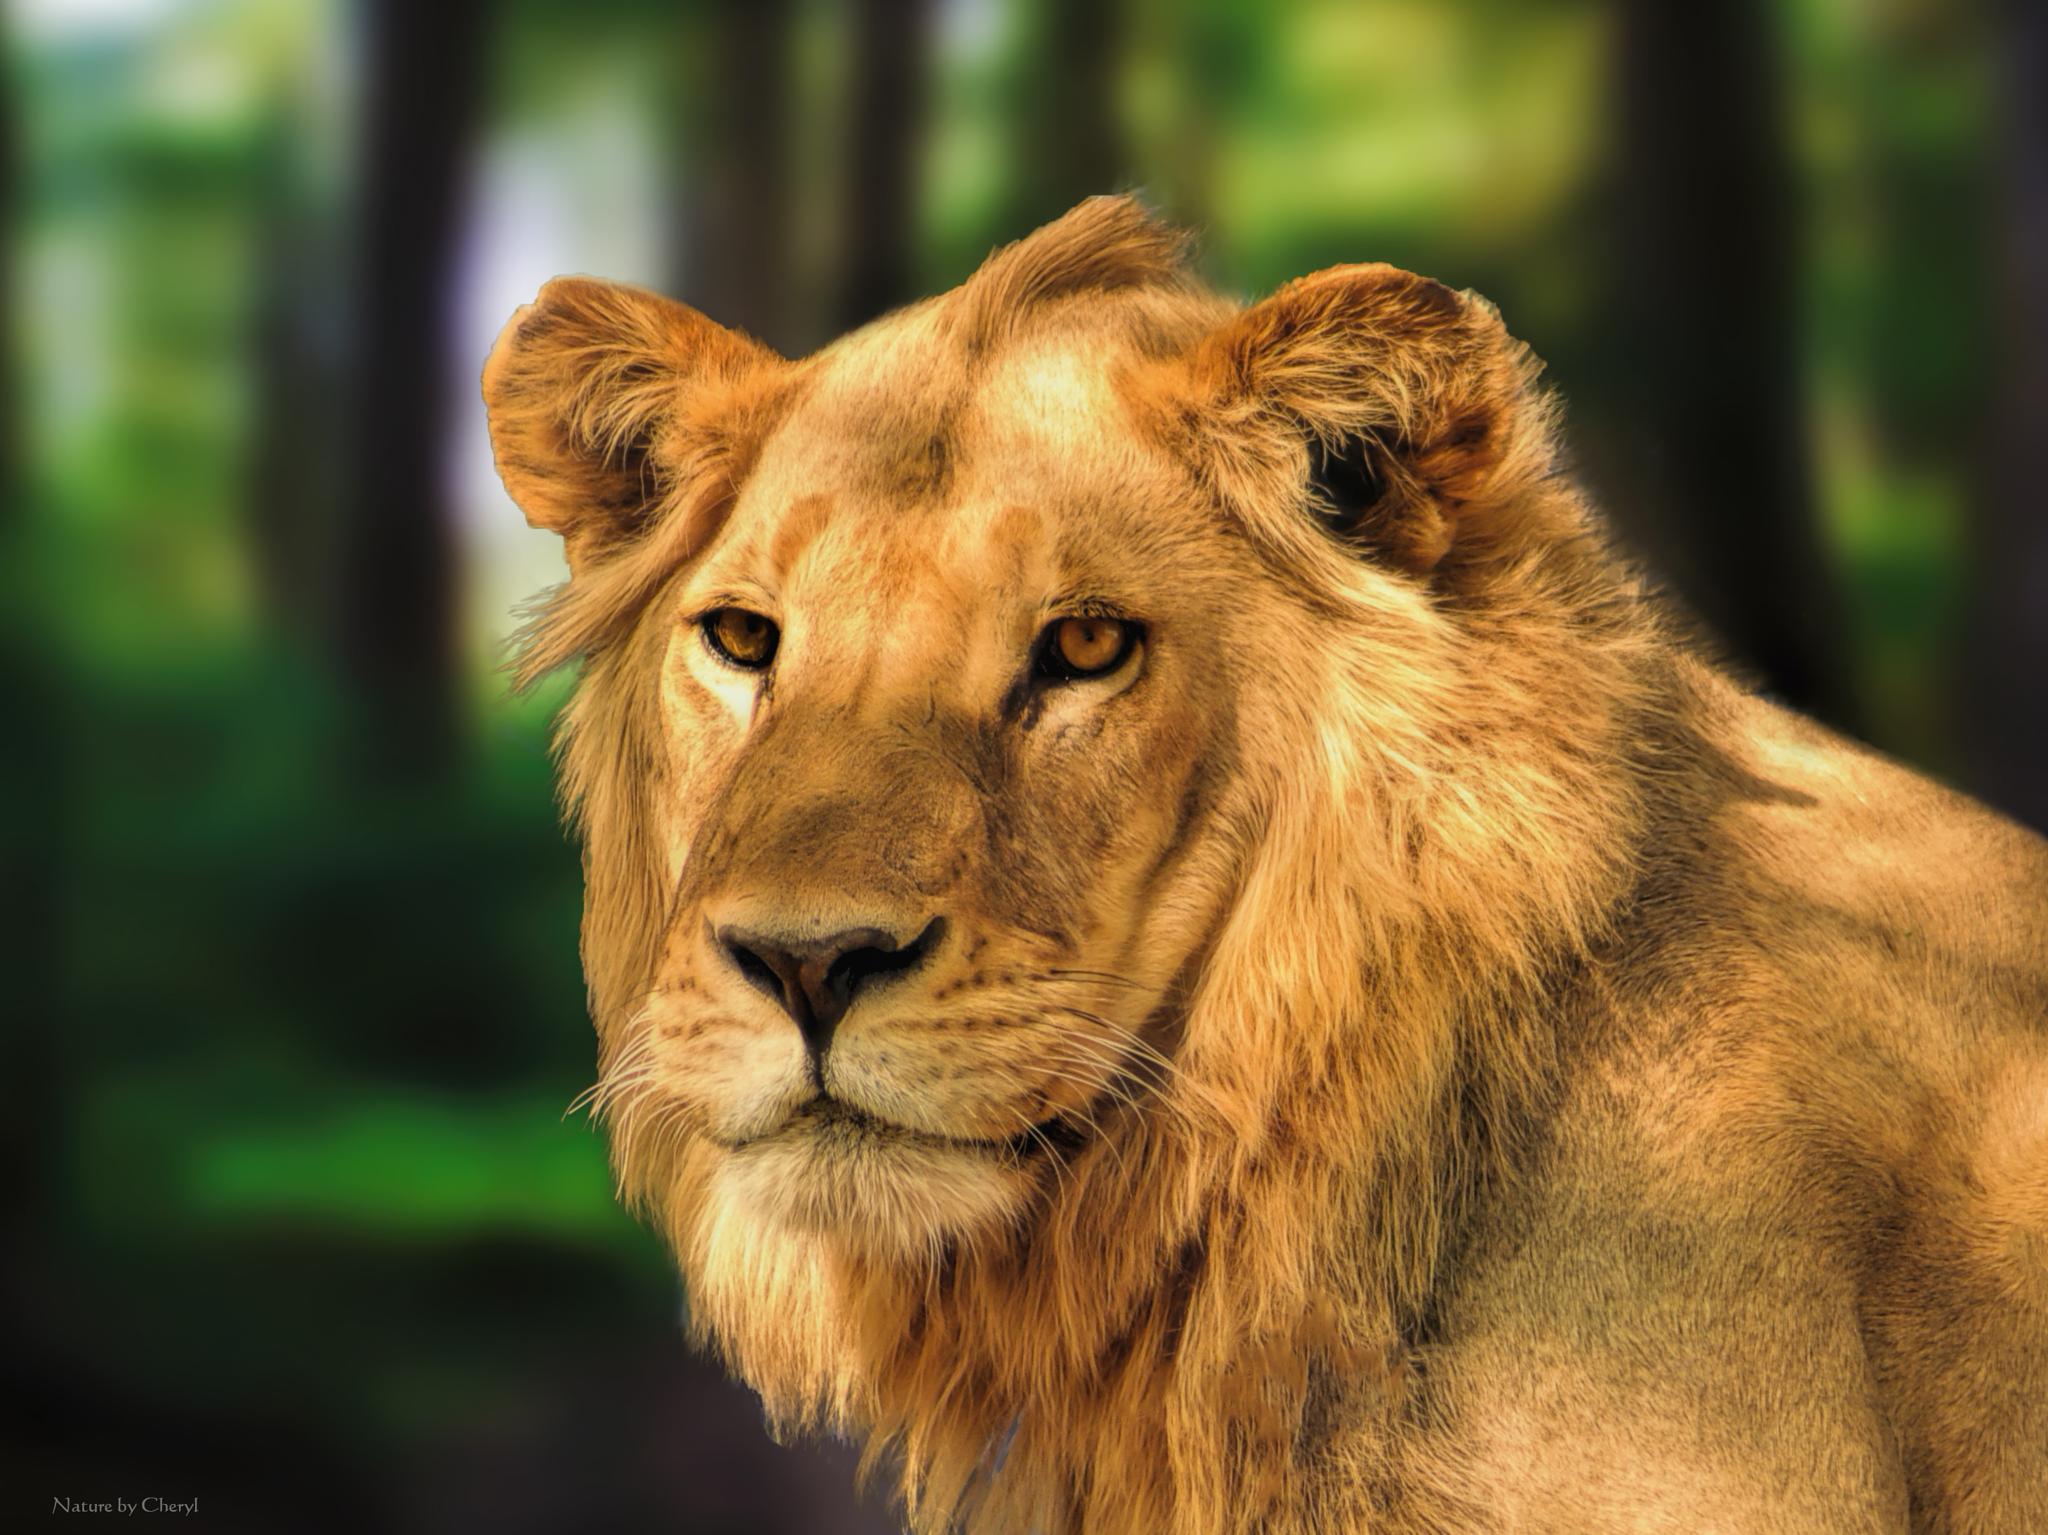 Lion by Cherbeni